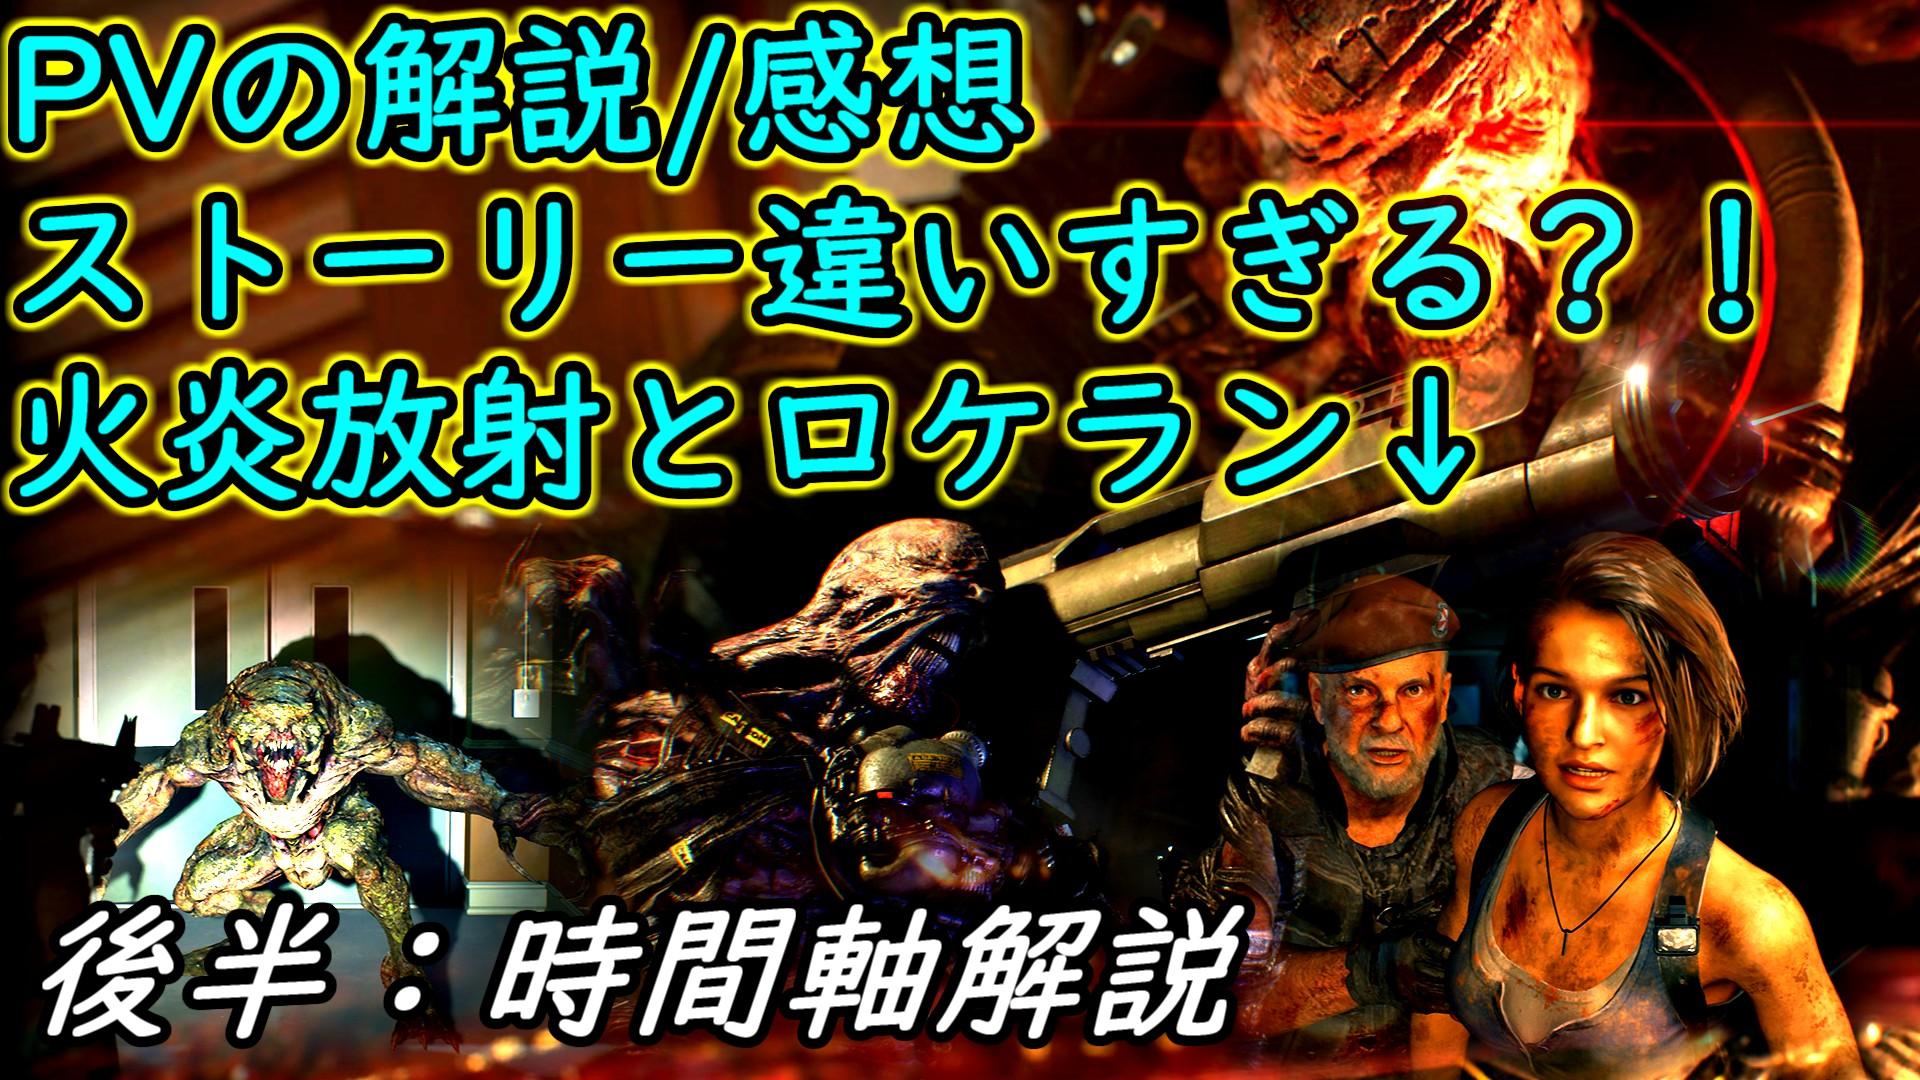 バイオハザードRE3 ストーリーが全然違っても良い理由とは ネメシスとステージが大幅変更!比較 後半バイオ3の時間軸紹介 プロモーション2より Resident Evil 3 Remake